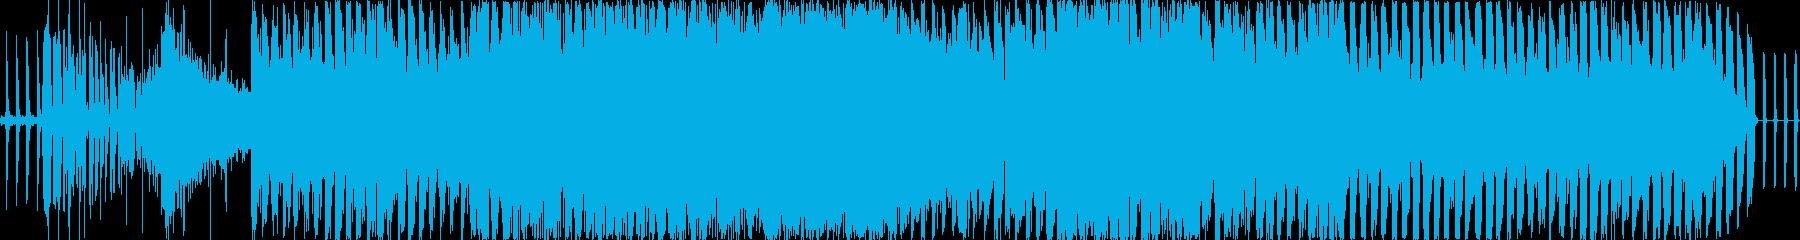 ホラー感のある爆発的なノリノリ・トランスの再生済みの波形